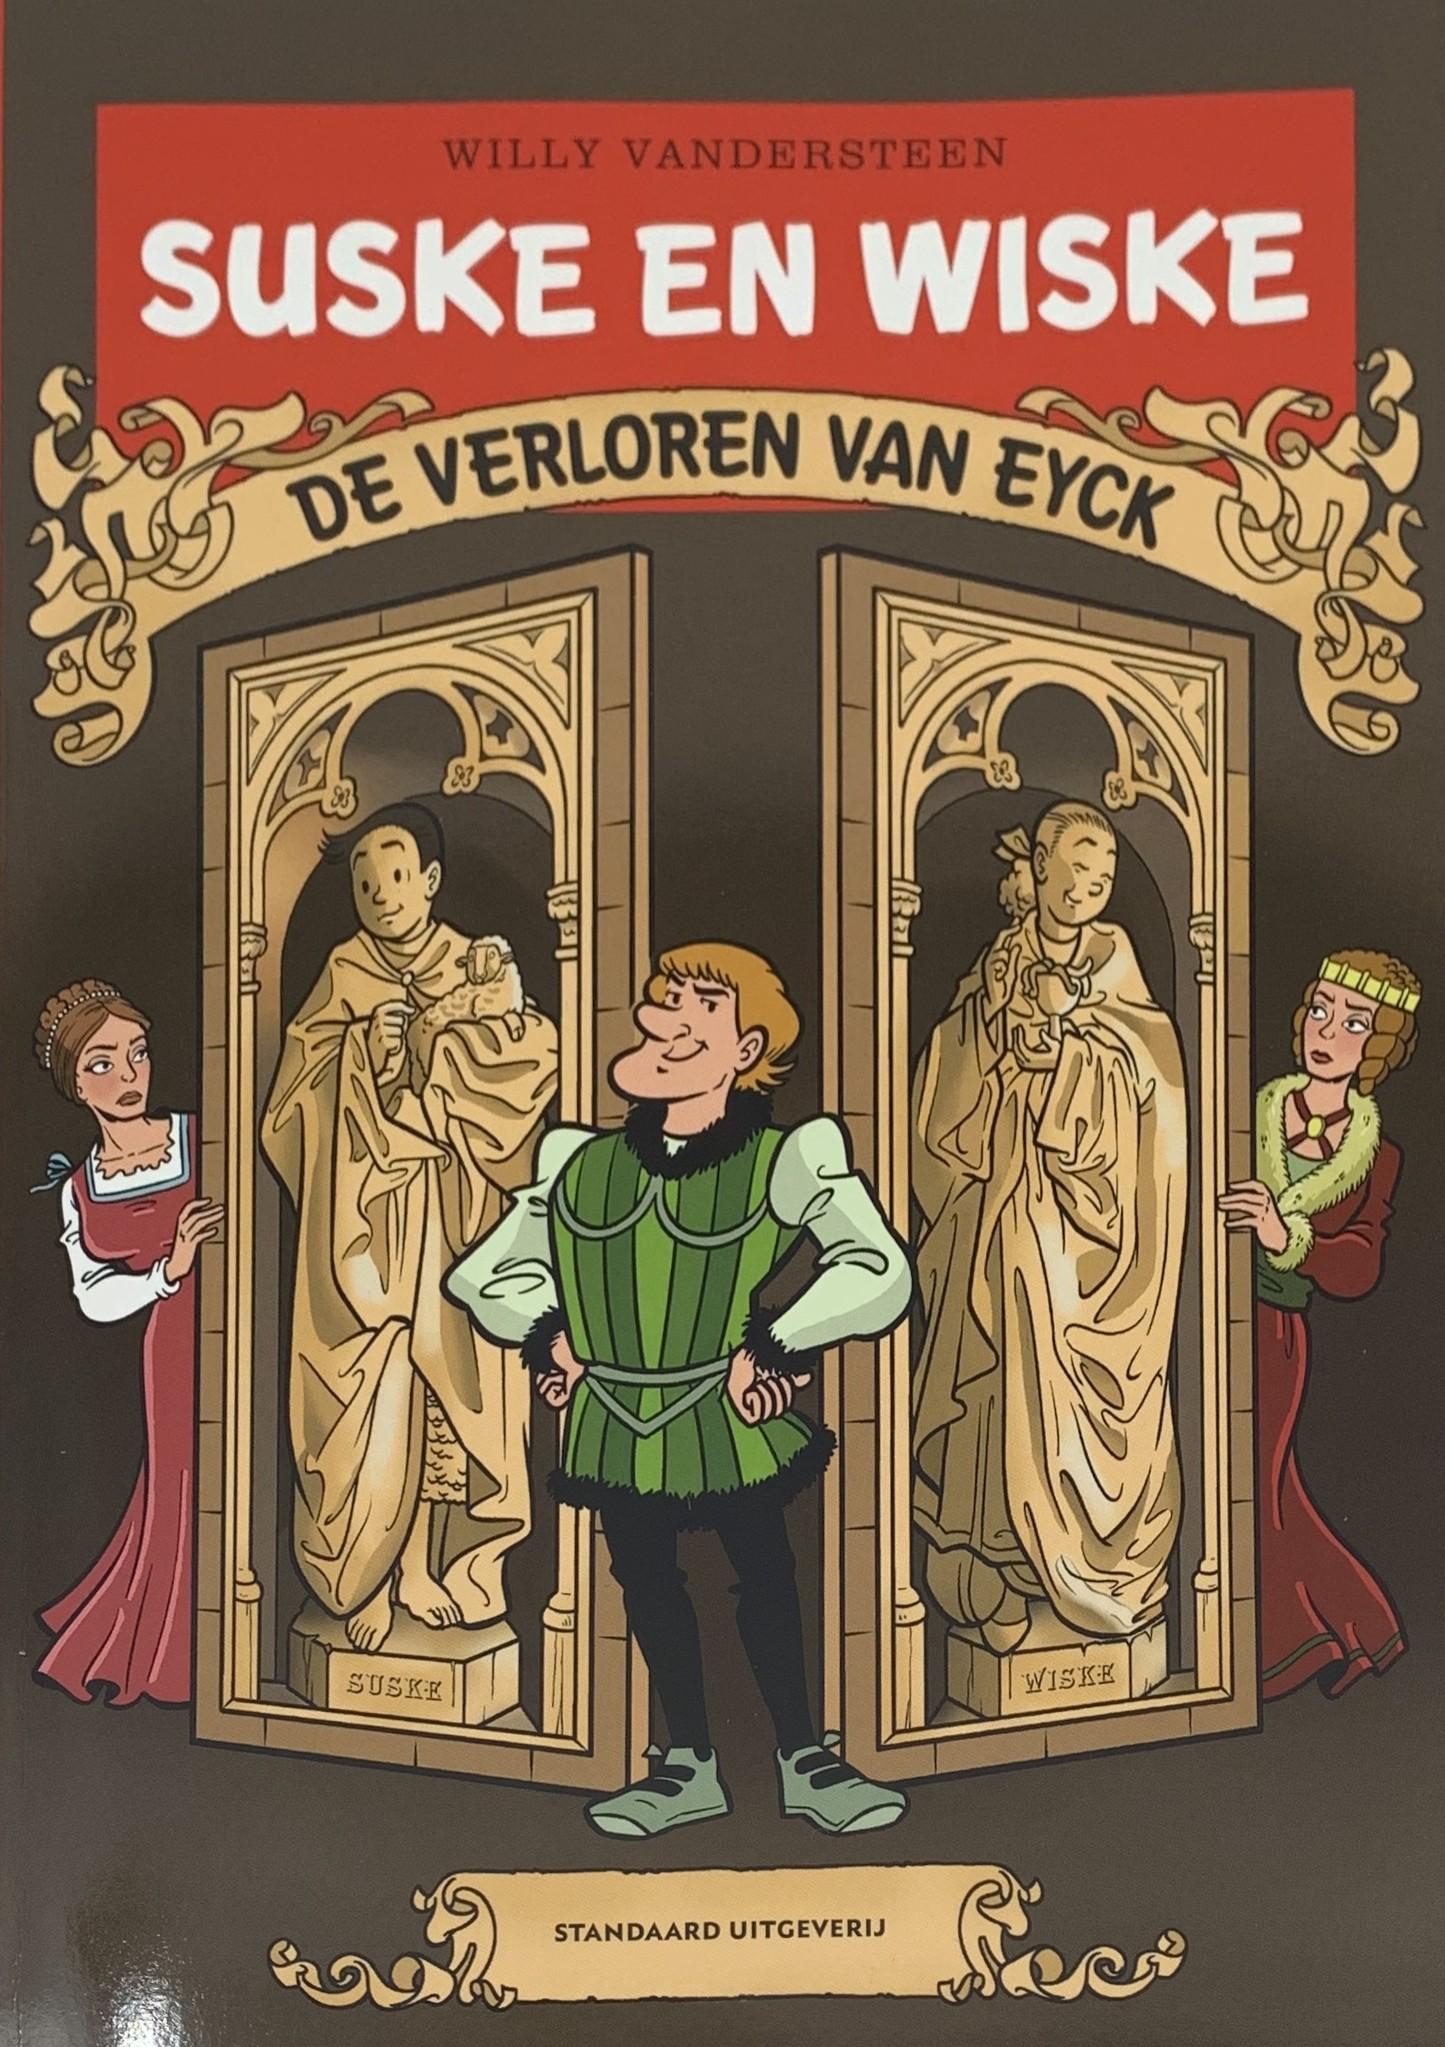 Willy Vandersteen Suske en Wiske - De verloren Van Eyck (Spike and Suzy - The Lost Van Eyck)